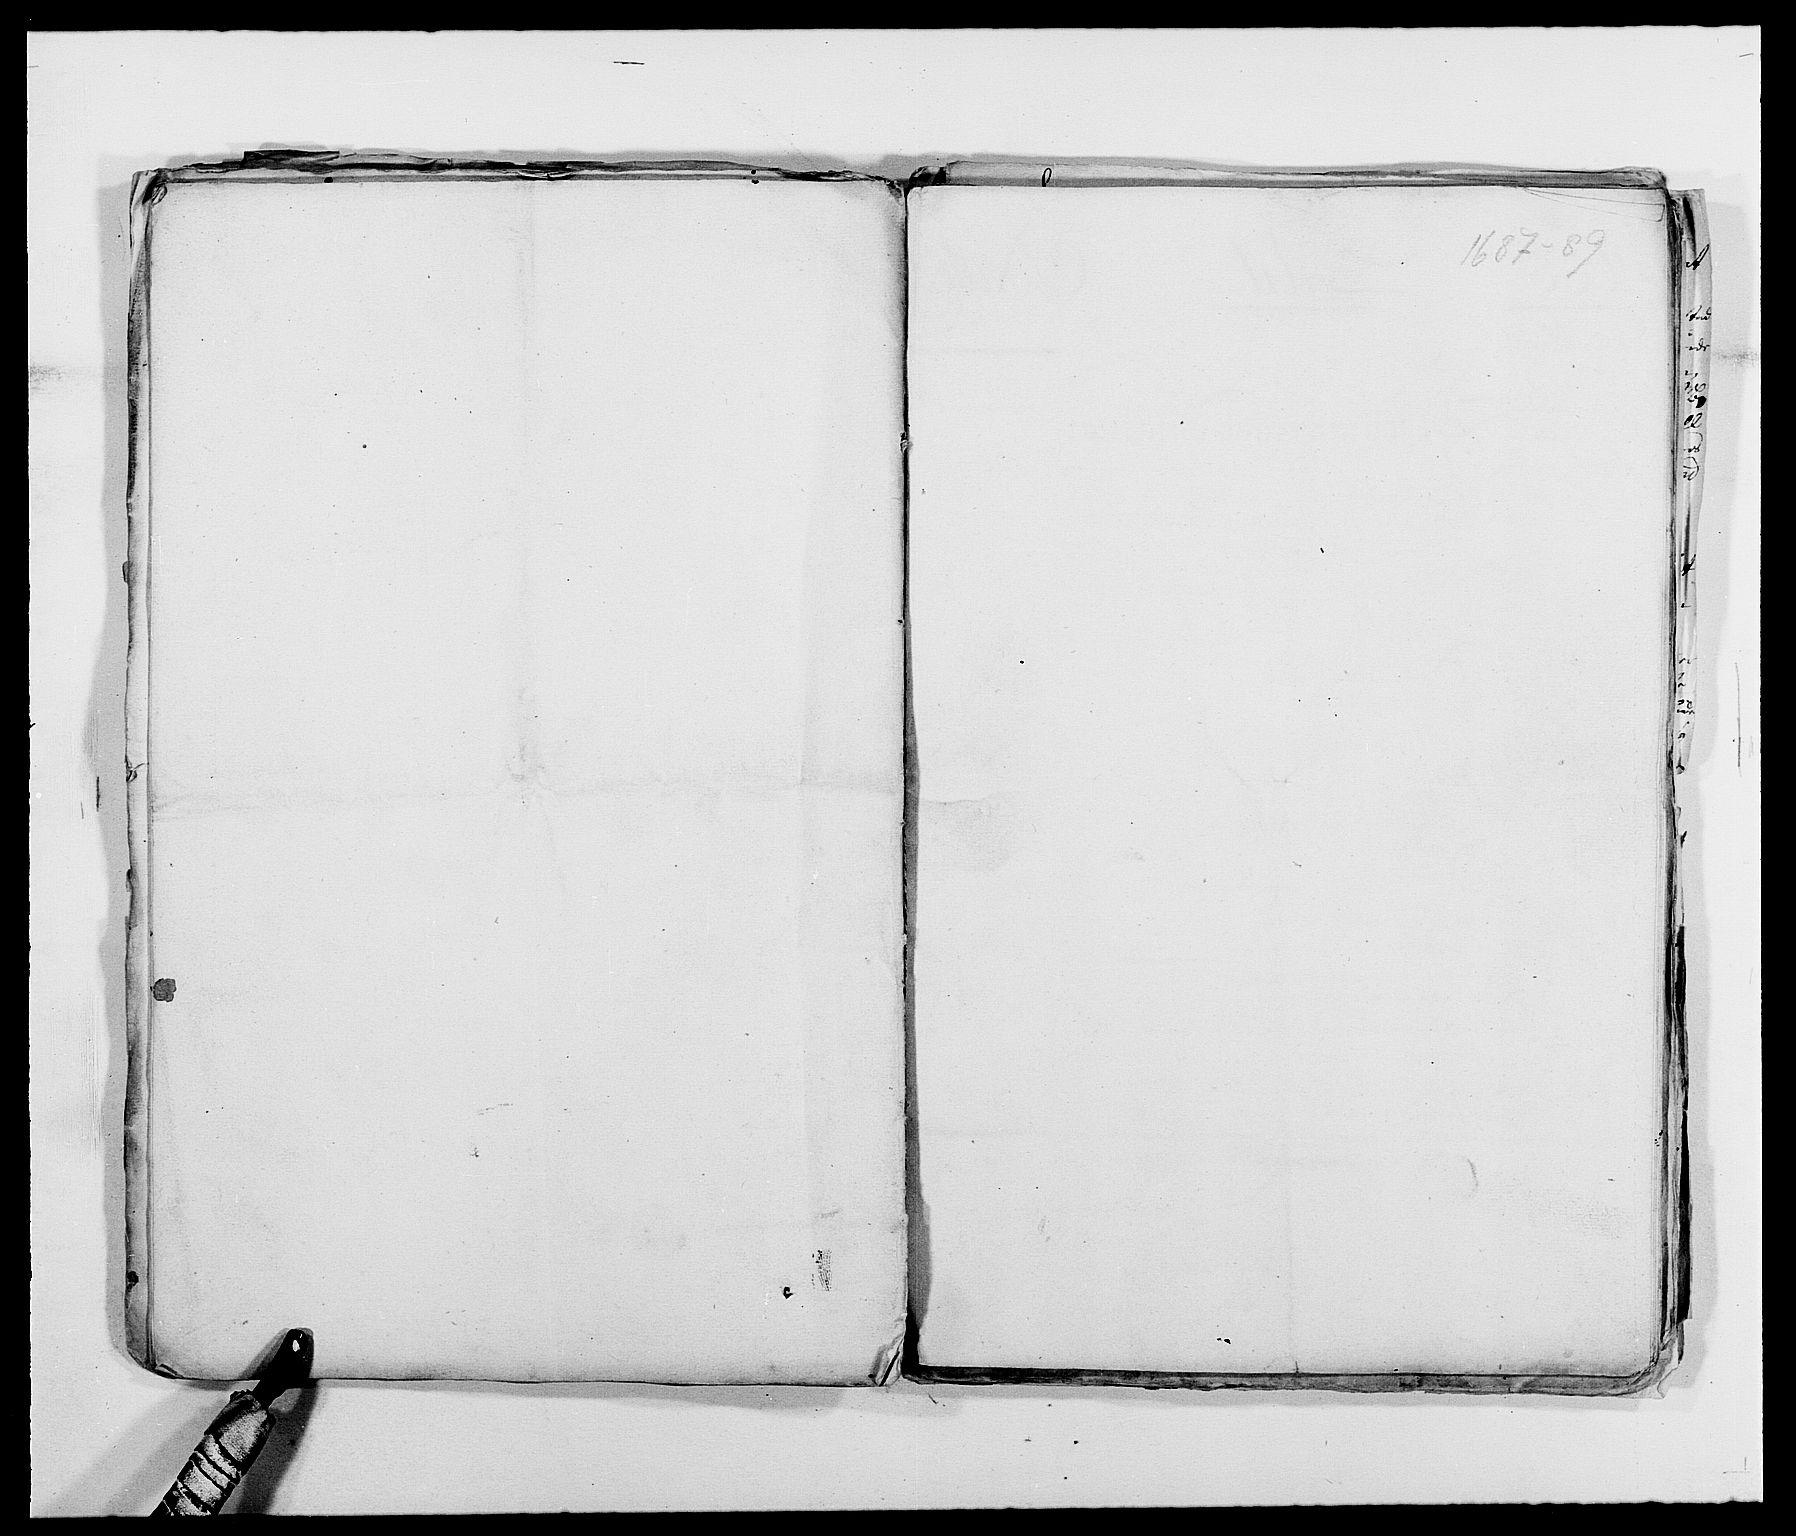 RA, Rentekammeret inntil 1814, Reviderte regnskaper, Fogderegnskap, R39/L2307: Fogderegnskap Nedenes, 1684-1689, s. 45